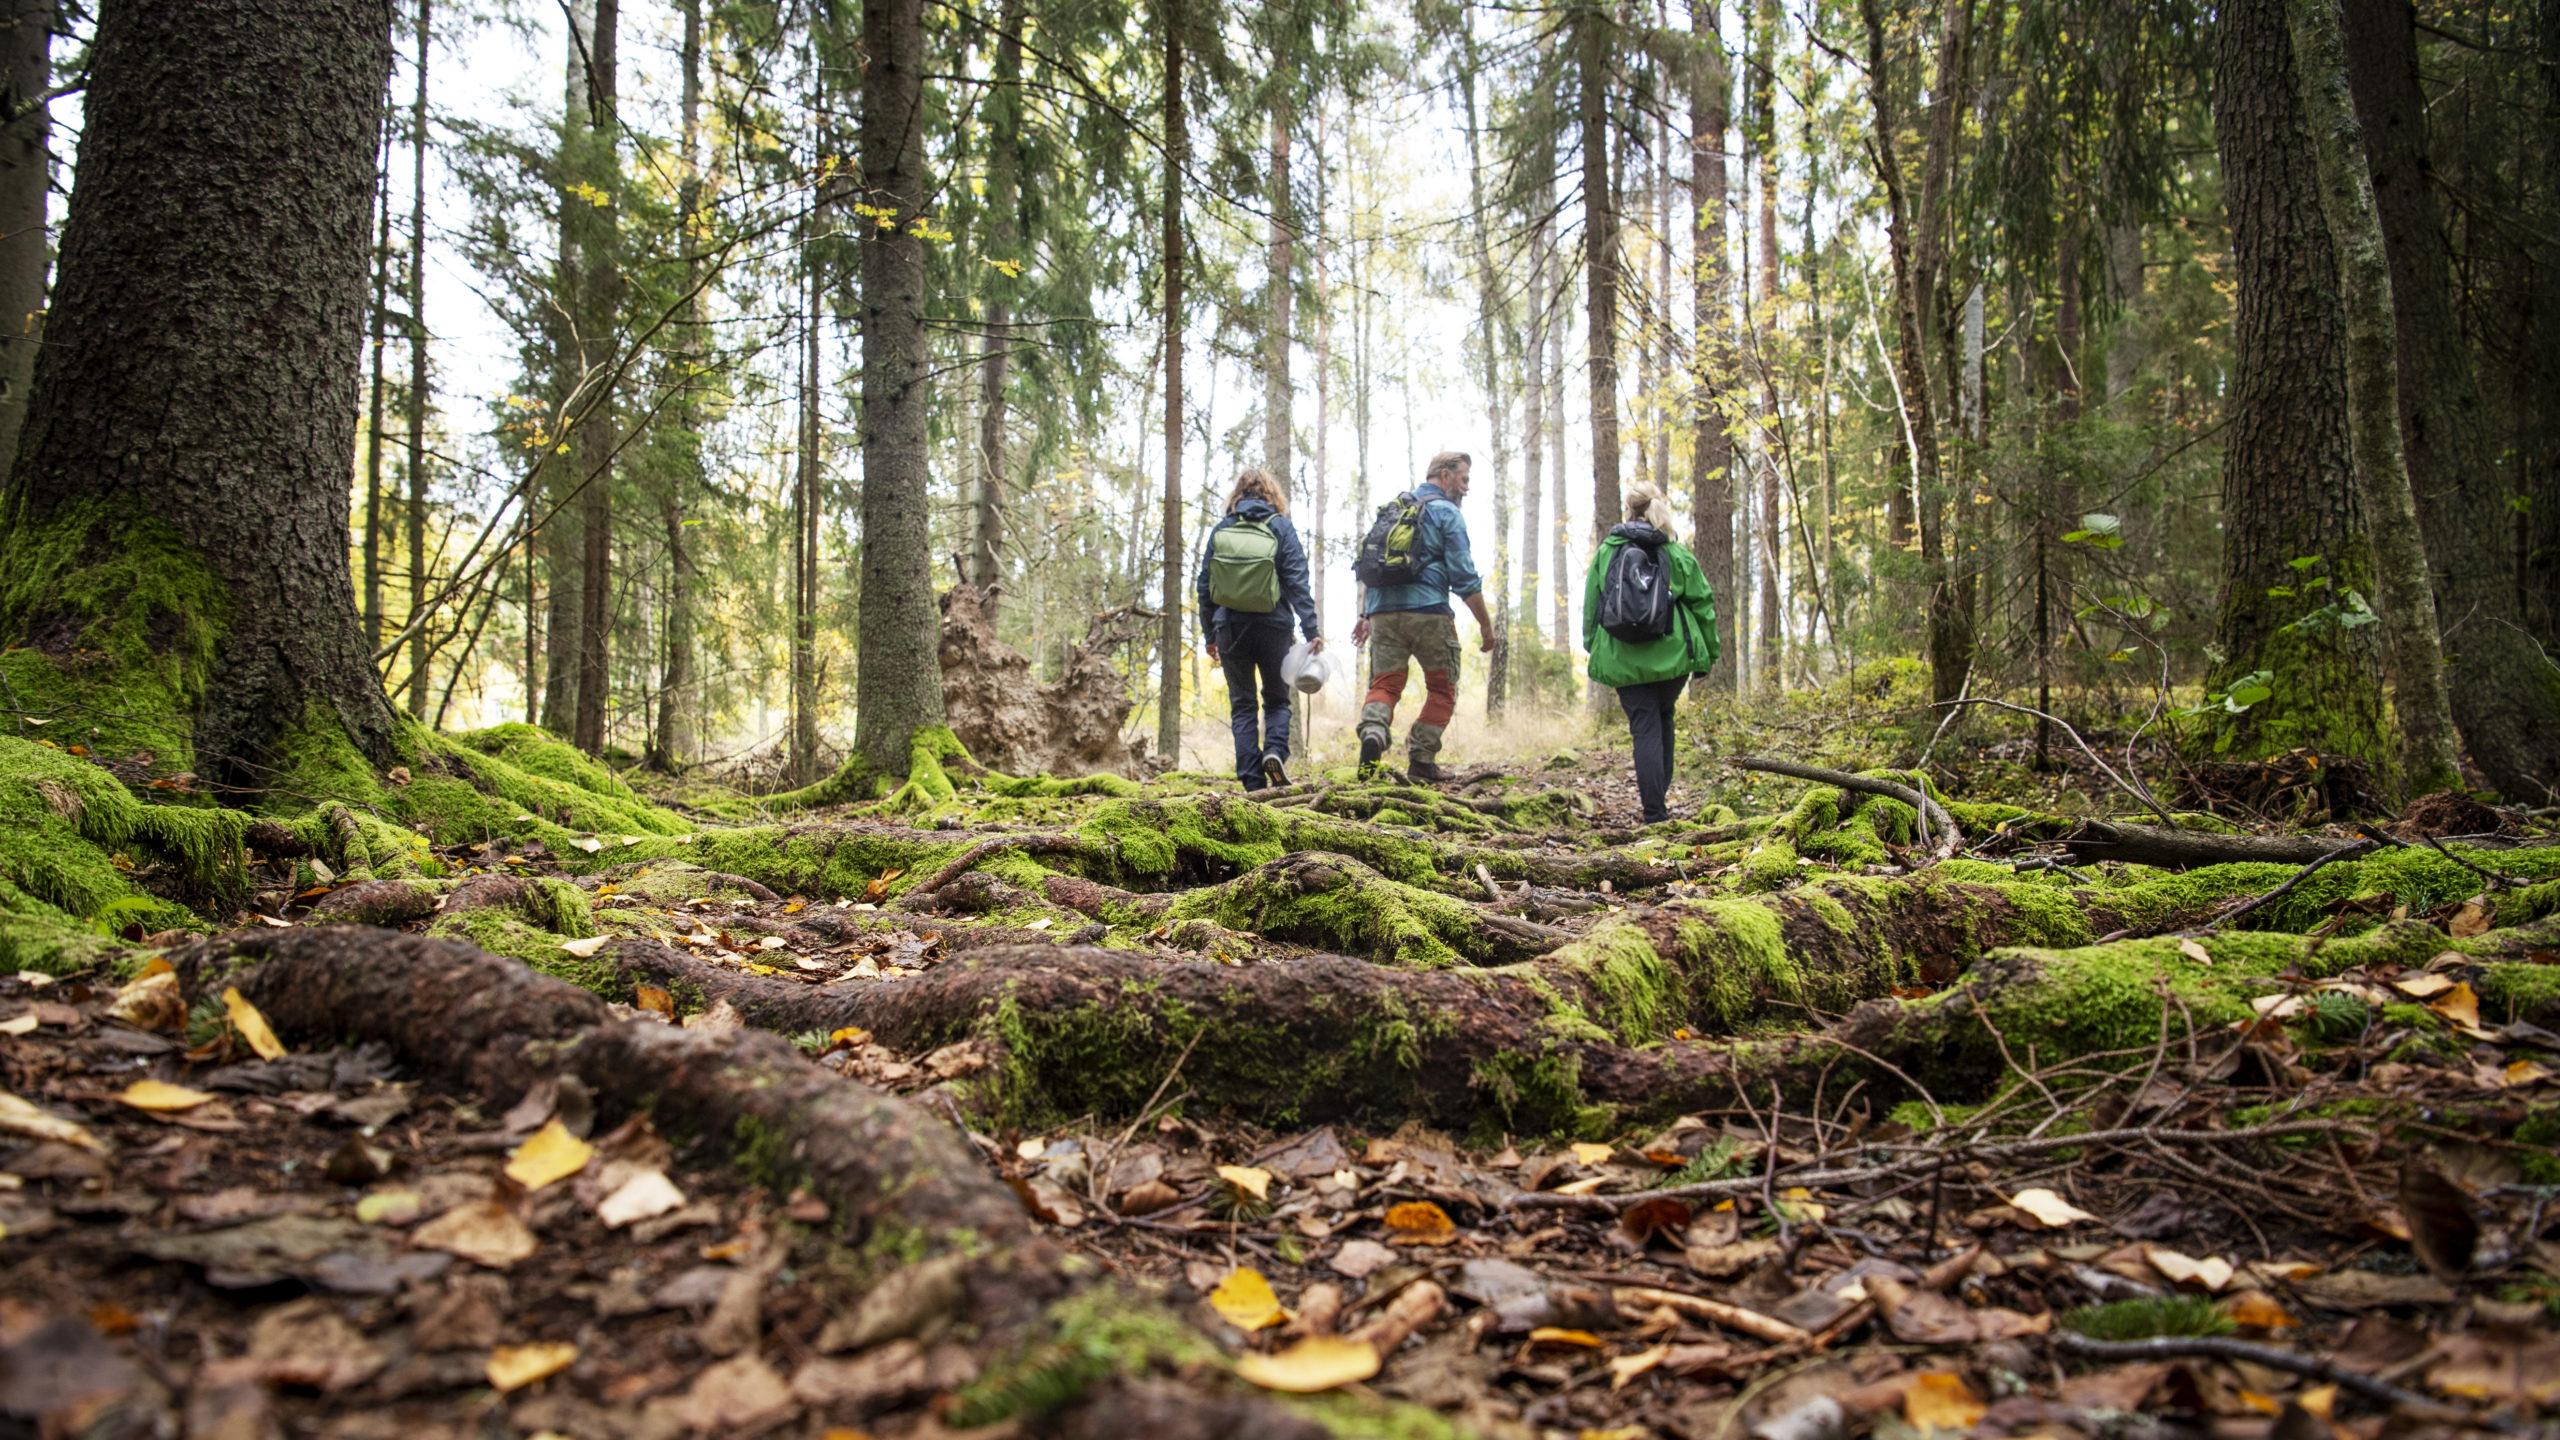 Tre personer vandrar inne i skogen. Fotograf: Jonas Bilberg